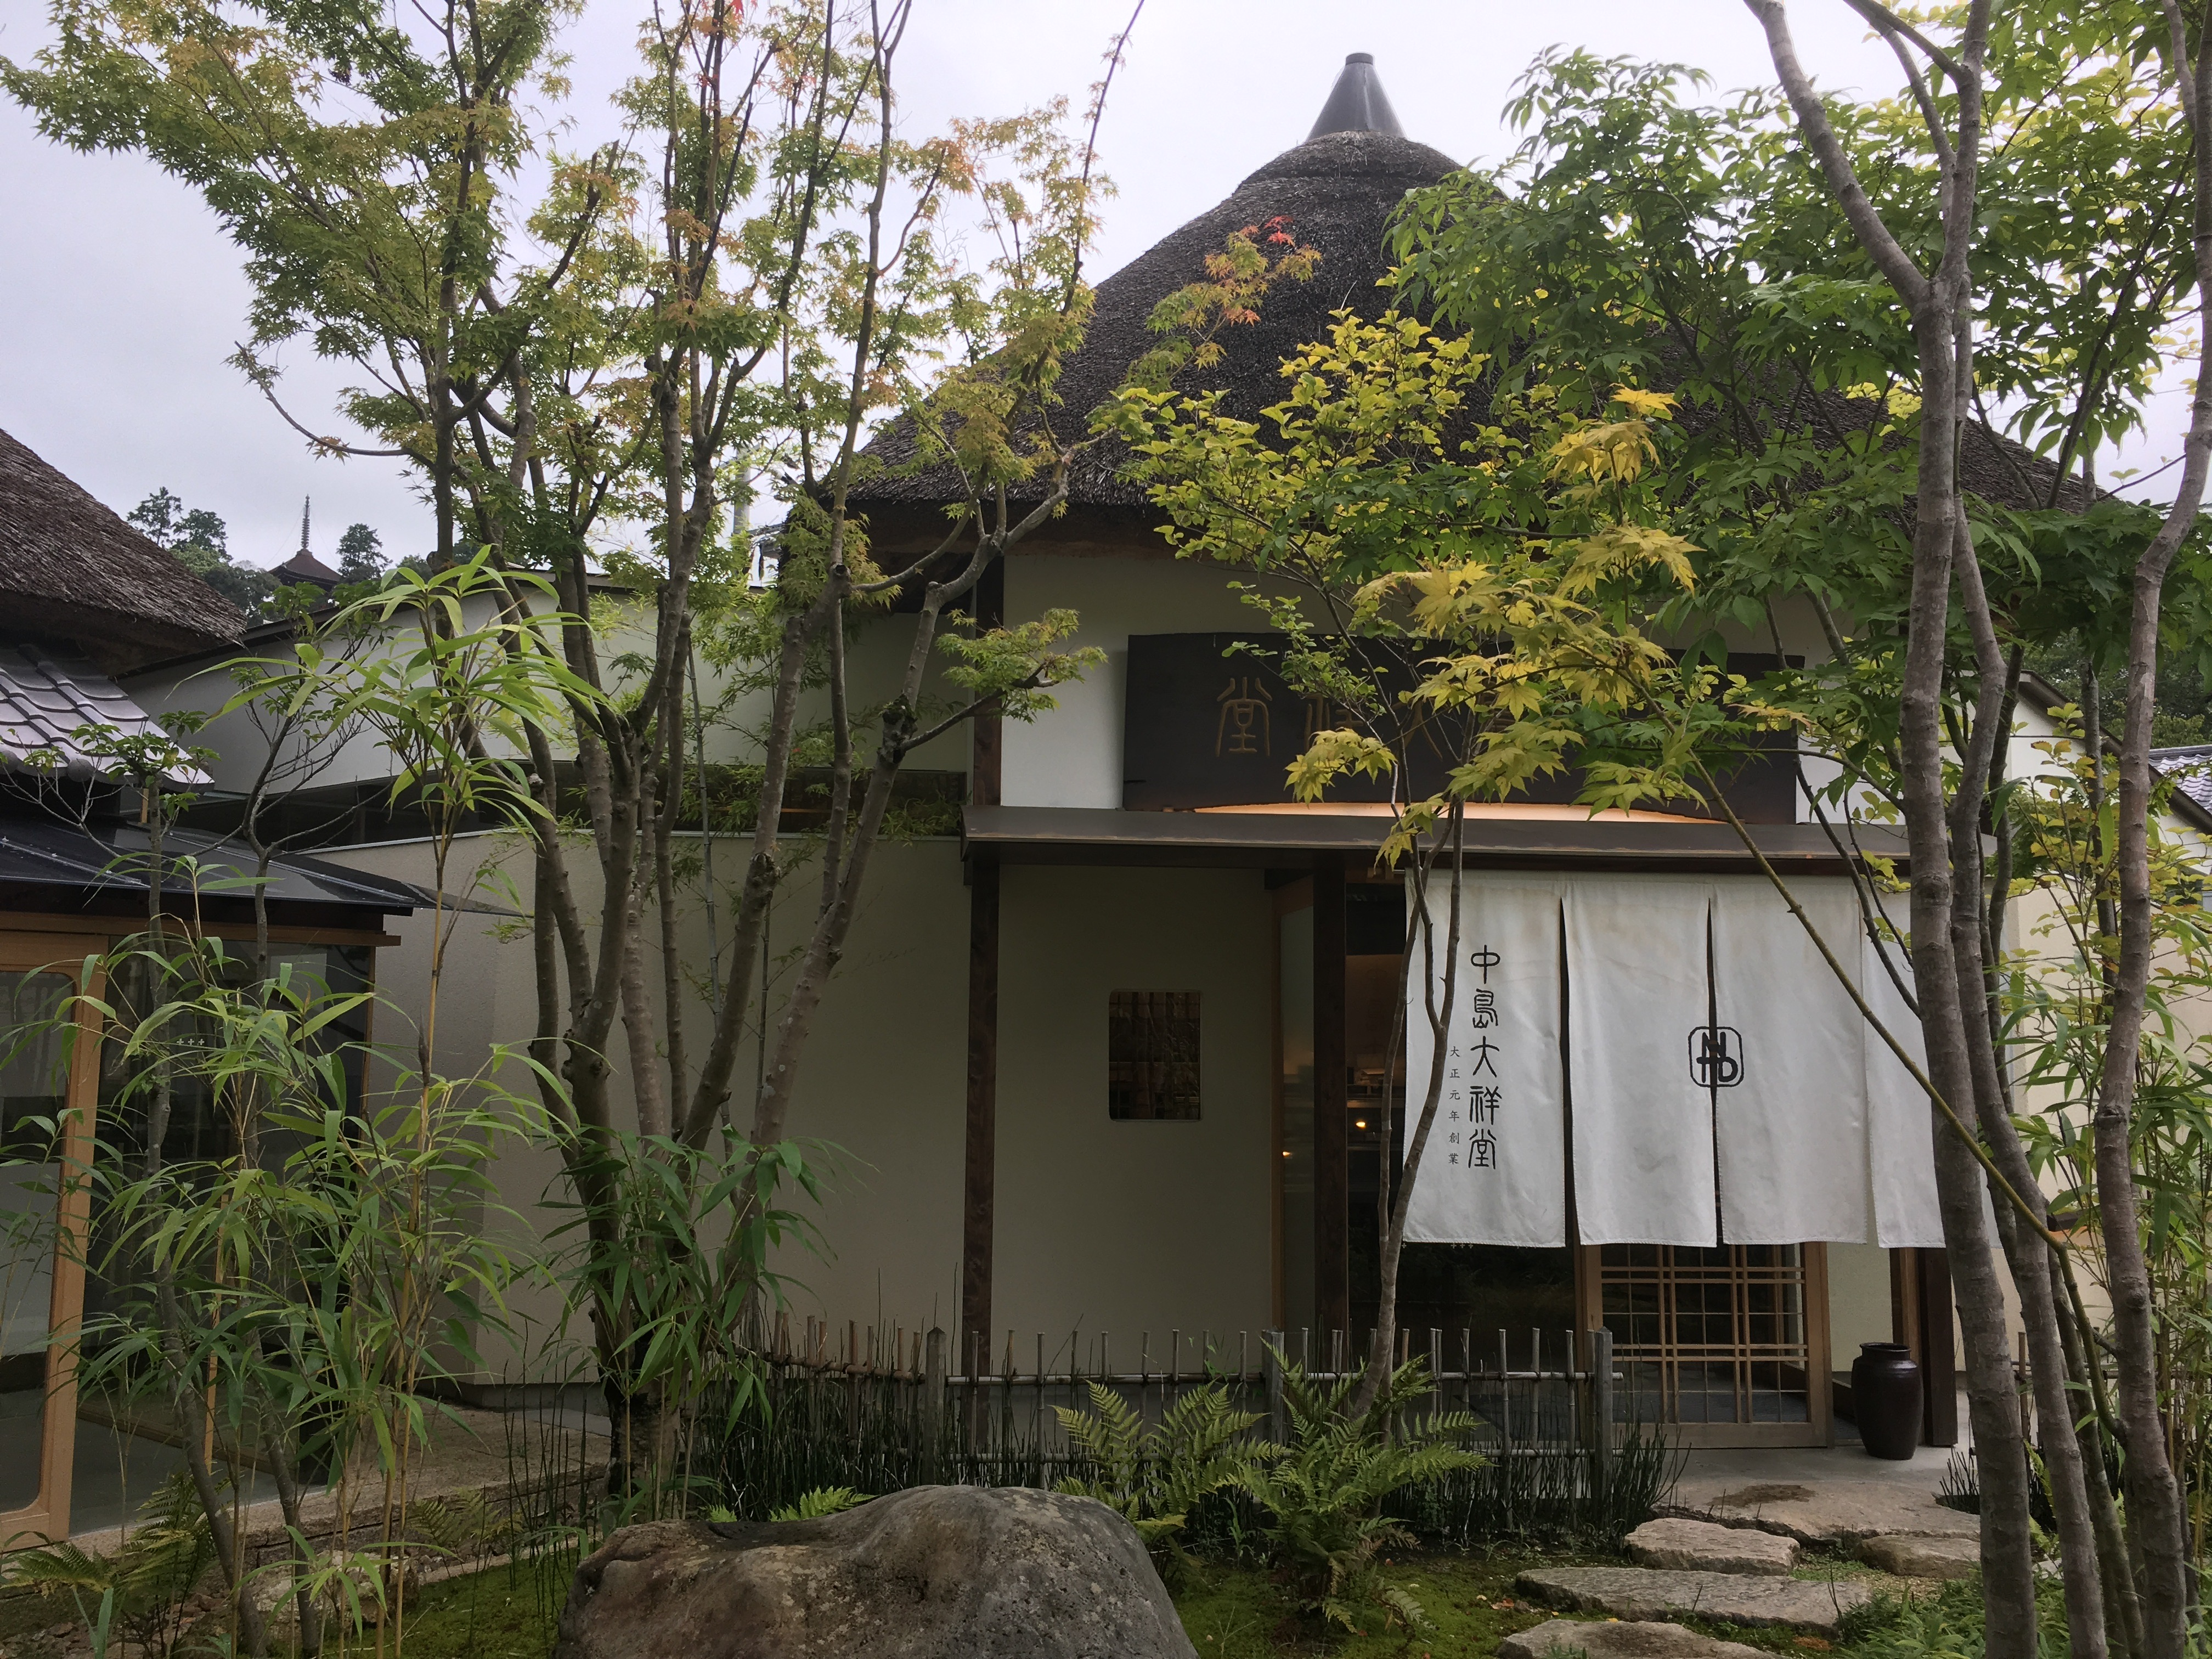 かやぶき屋根の素敵なカフェ!中島大祥堂 丹波本店(なかじまだいしょうどう)